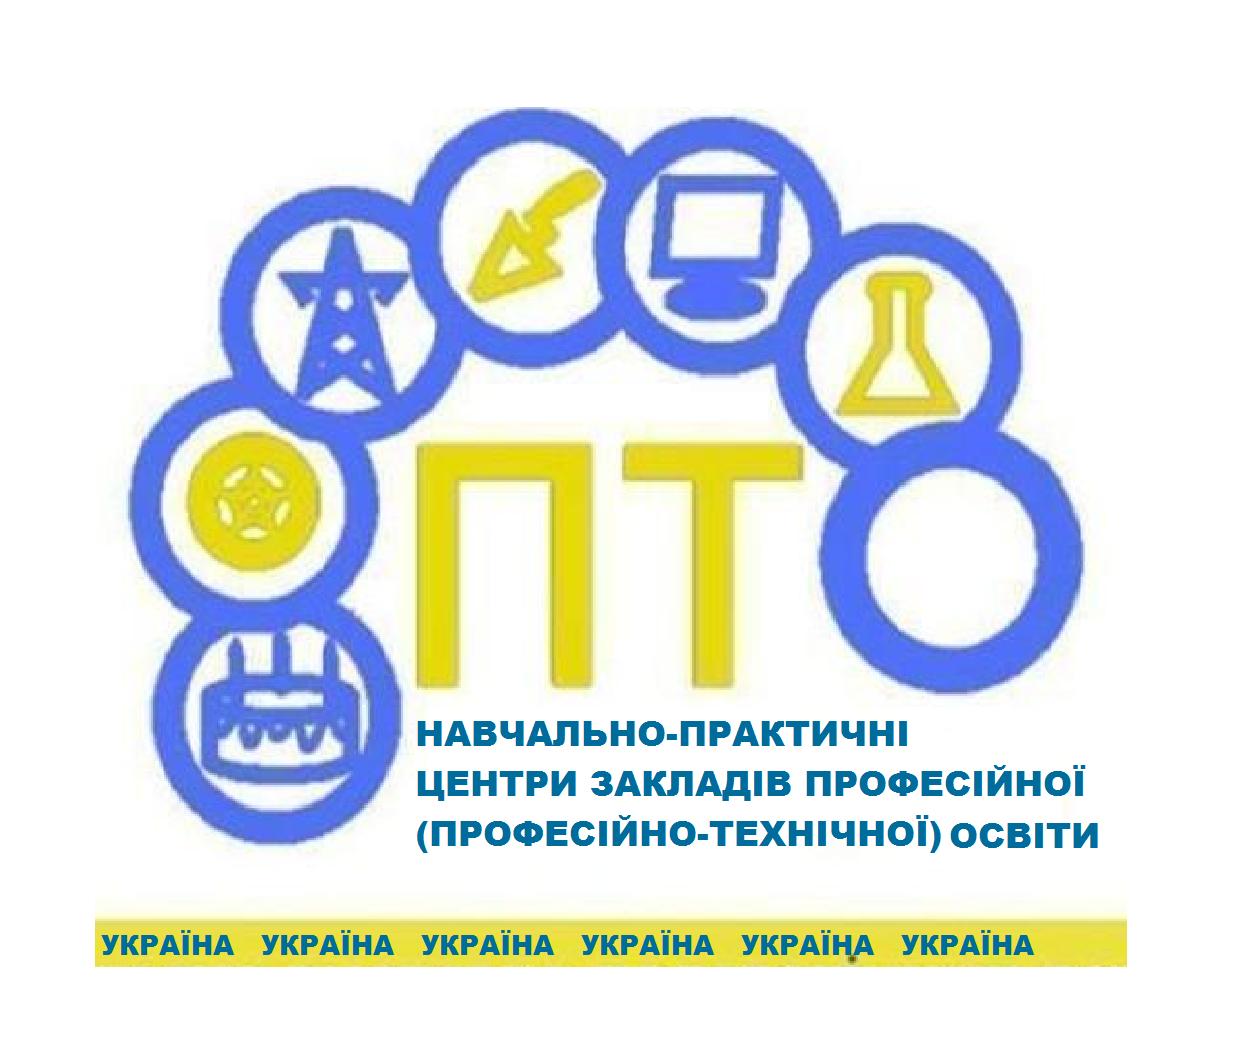 Інтерактивна карта навчально-практичних центрів професійної (професійно-технічної) освіти України